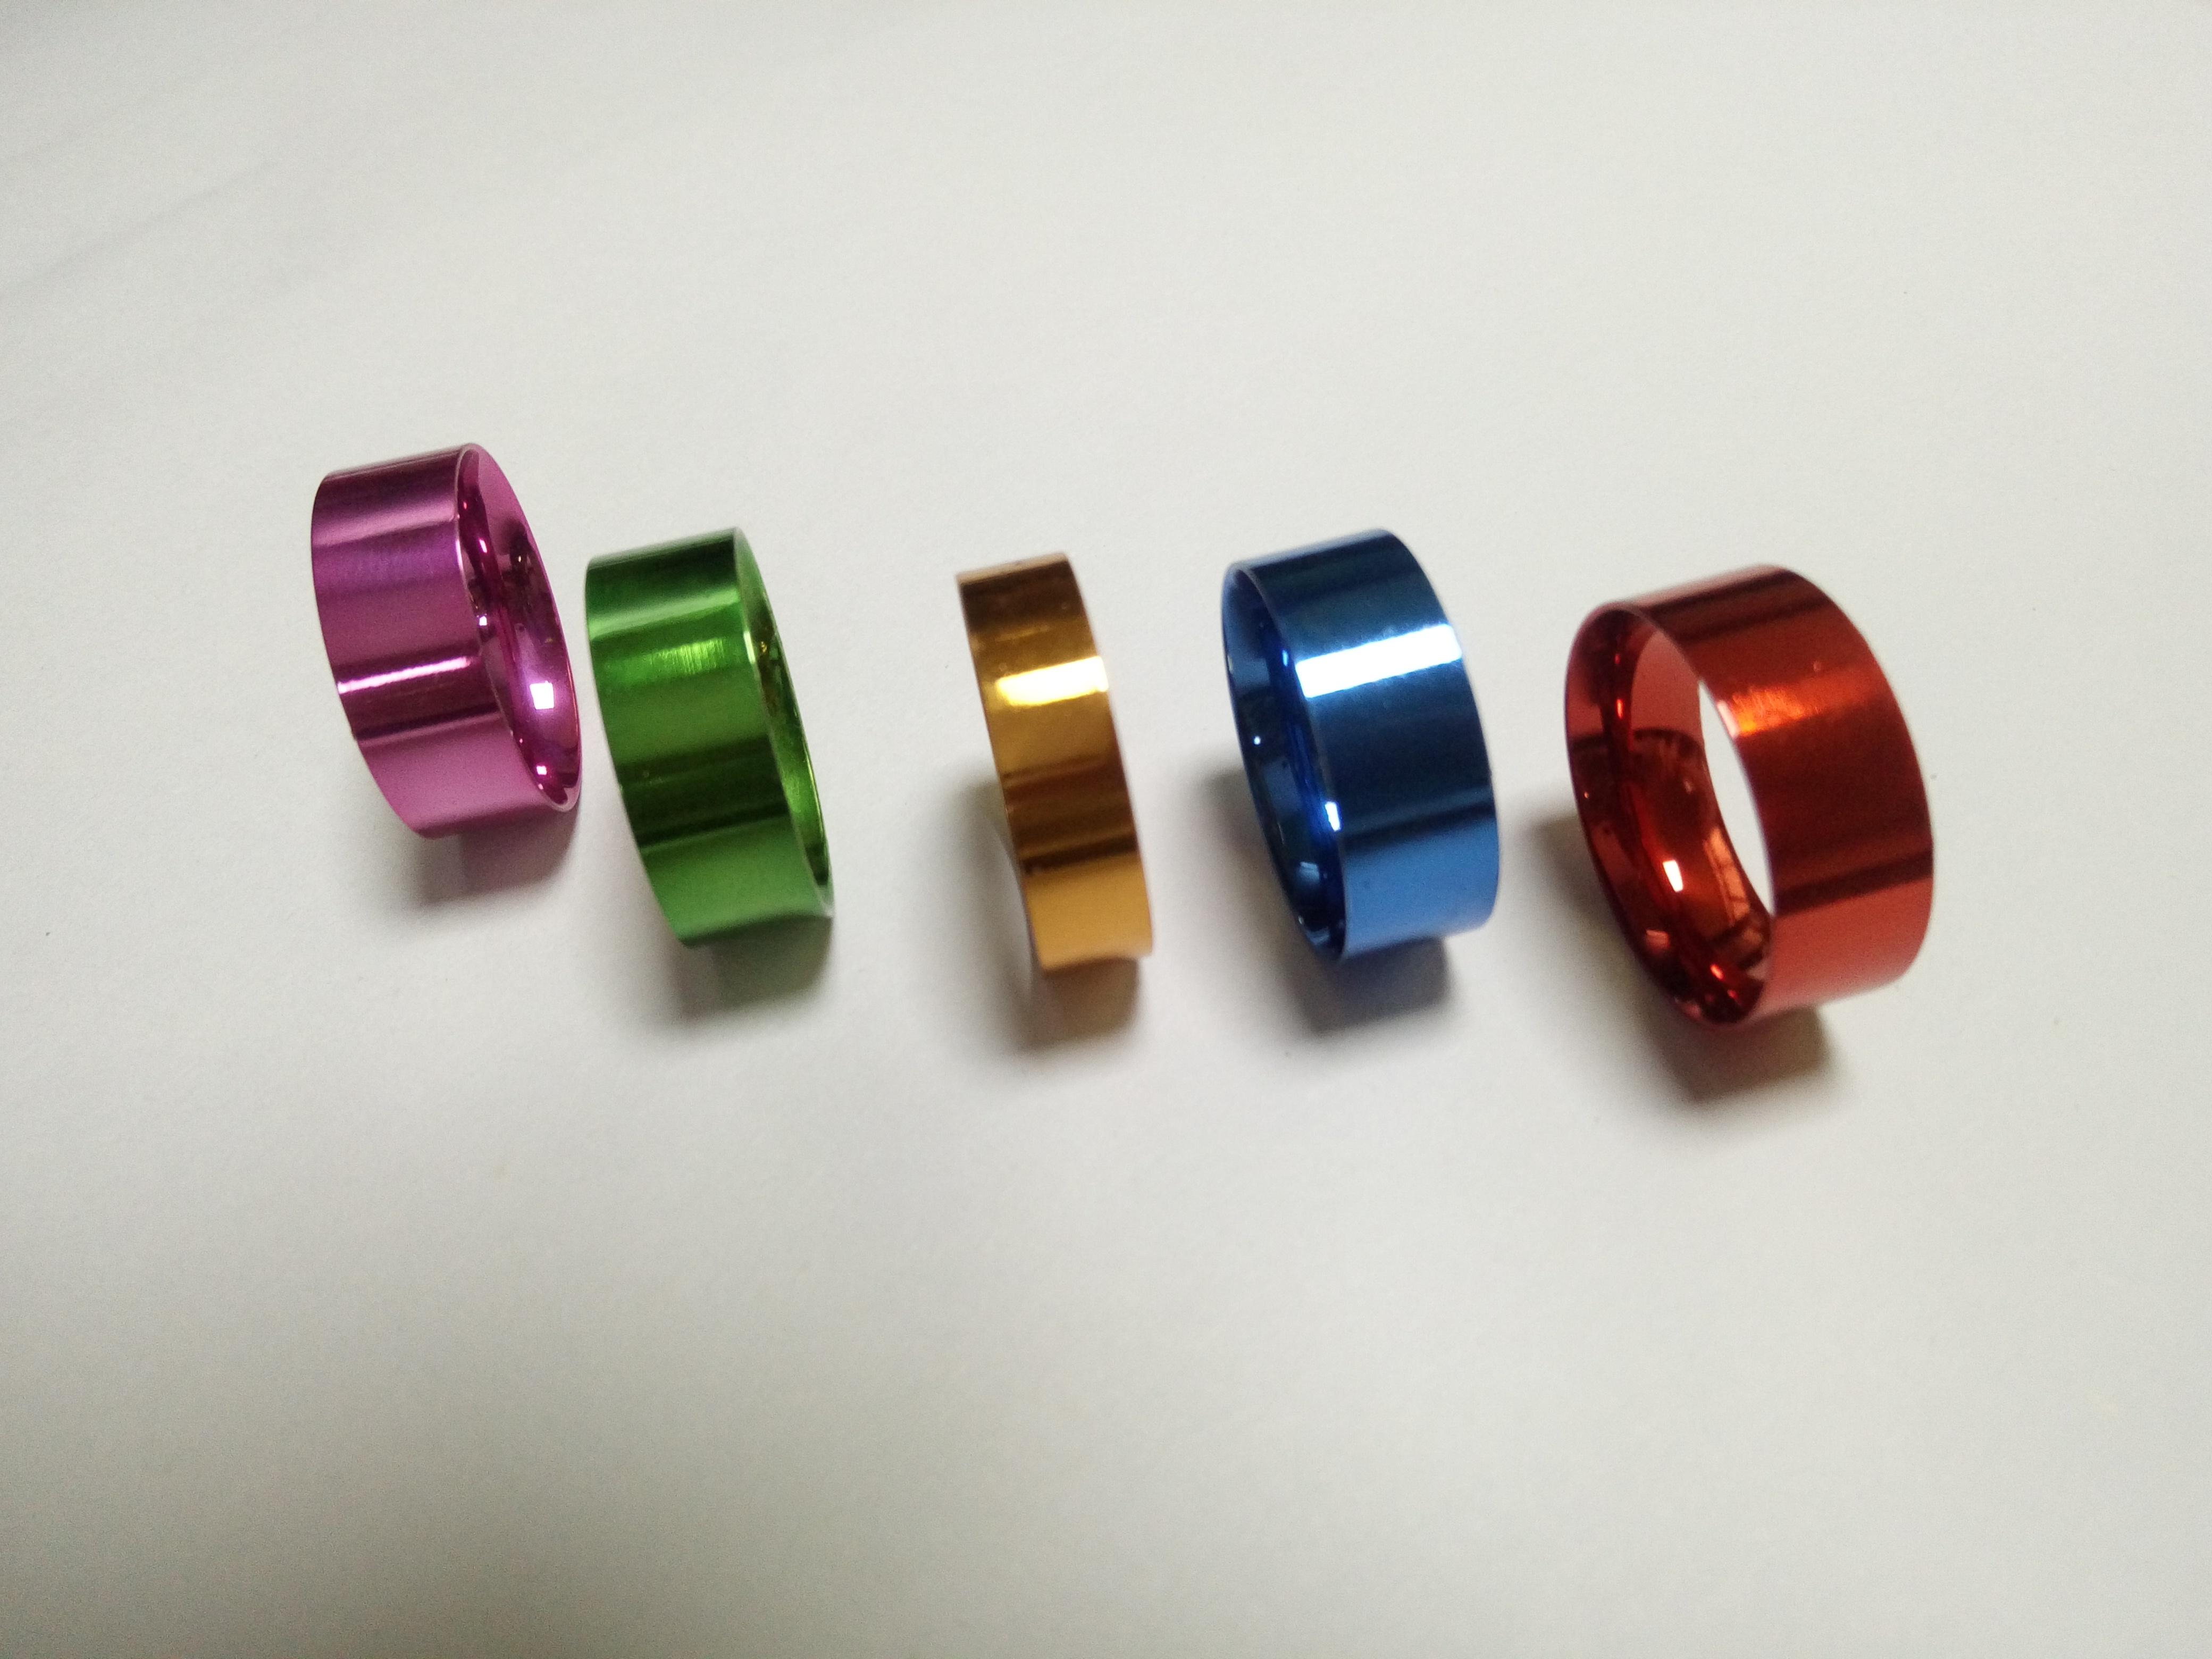 不锈钢电镀彩色电泳加工 电泳加工锌合金产品 彩色电泳加工批发厂